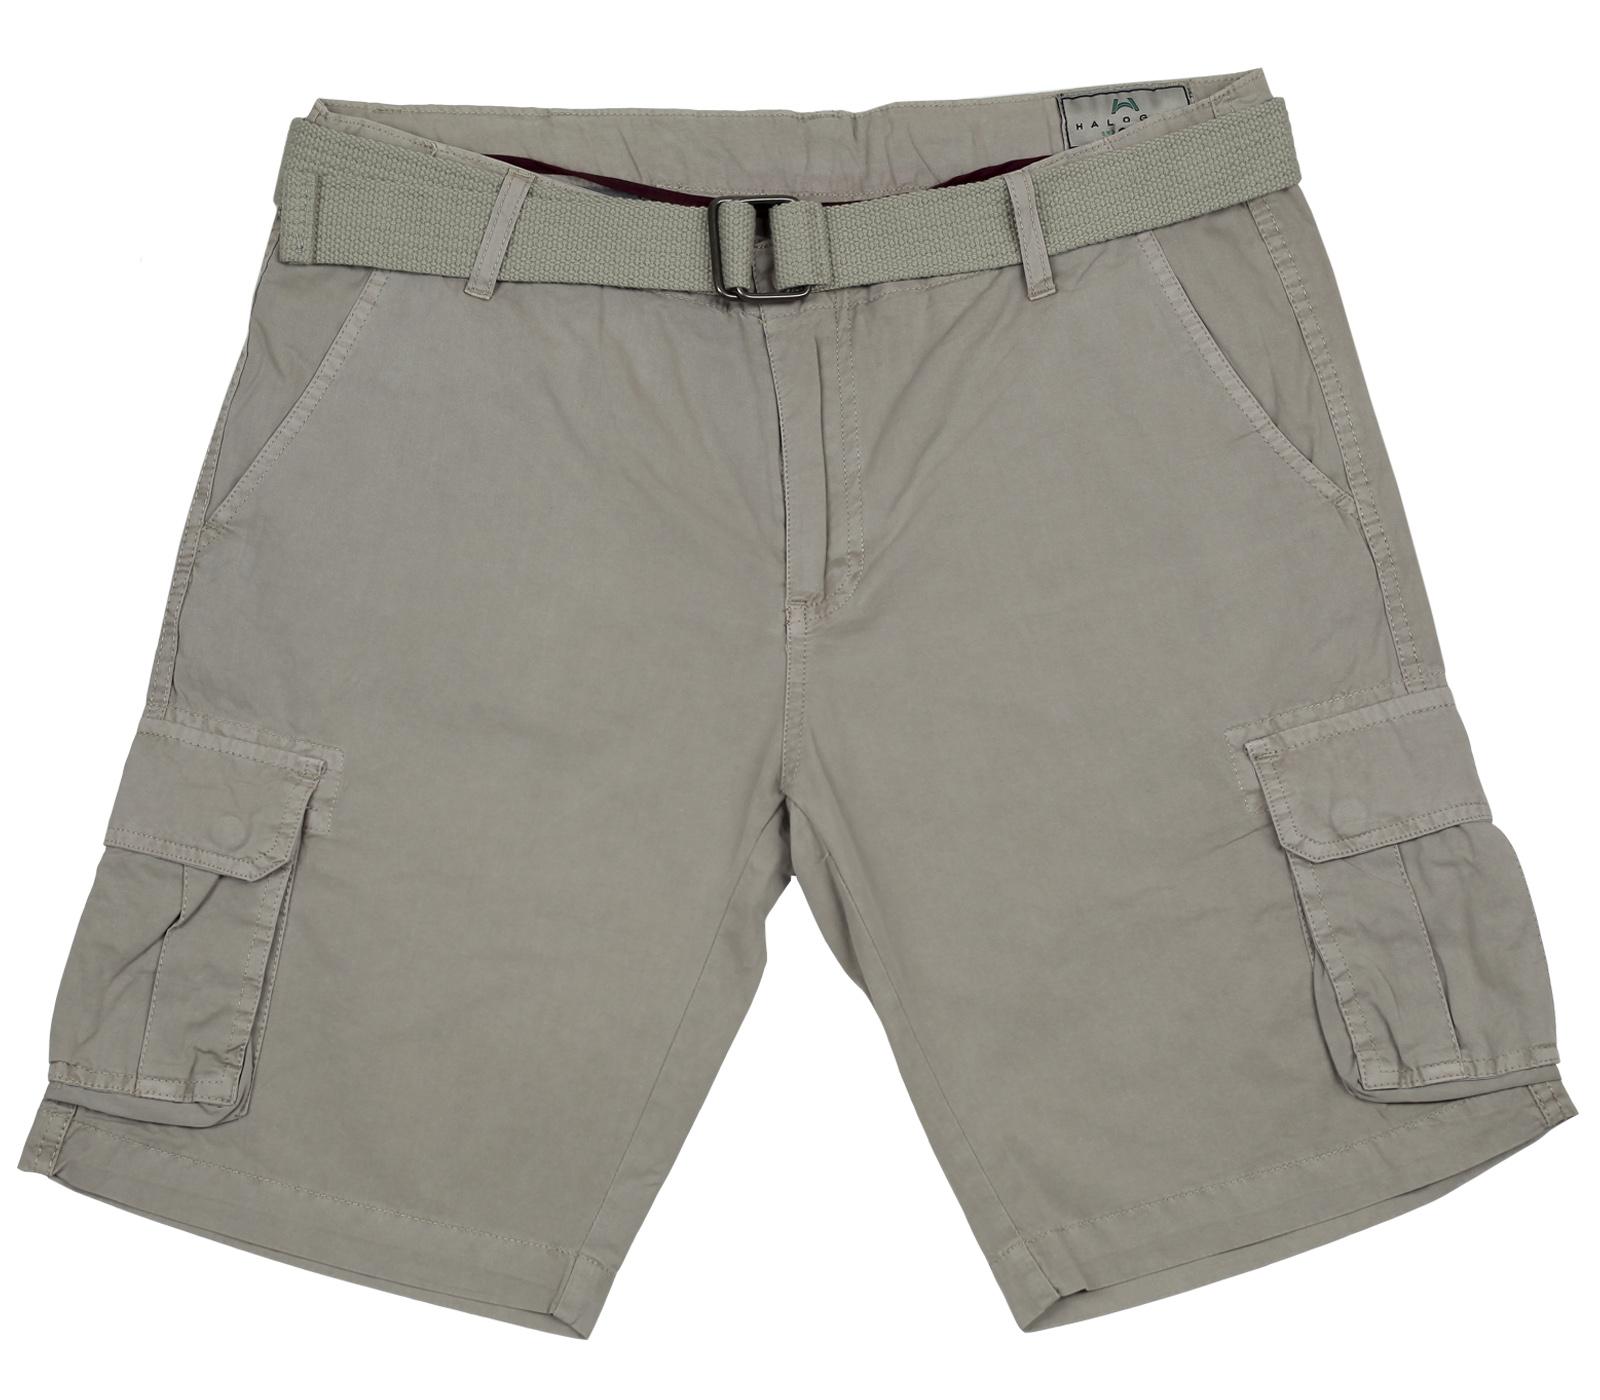 Мужские шорты Halogen. Стильная модель цвета хаки. 100% хлопок